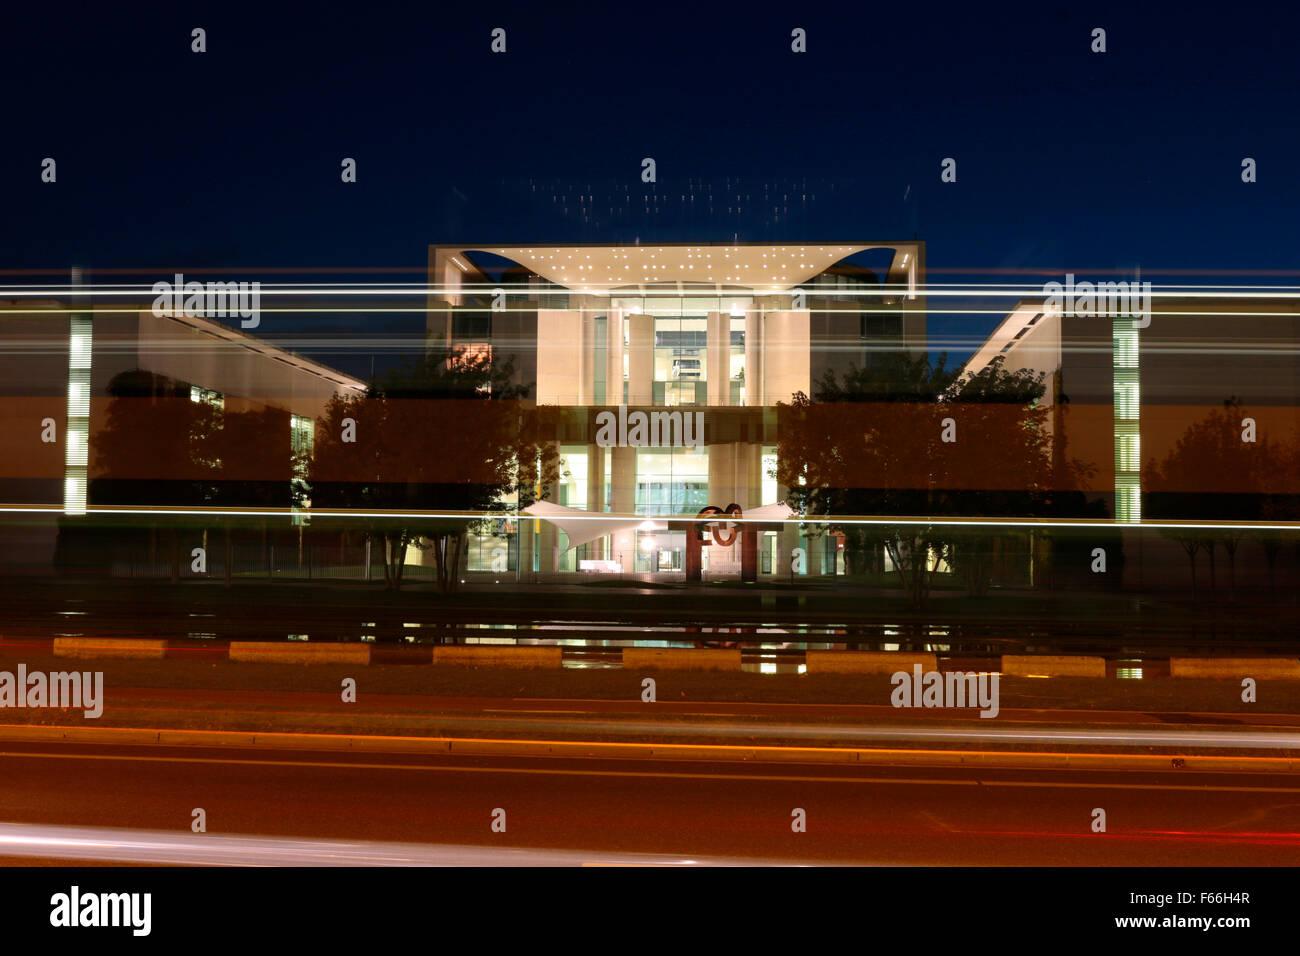 Abendstimmung: Bundeskanzleramt, Berlin-Tiergarten. - Stock Image